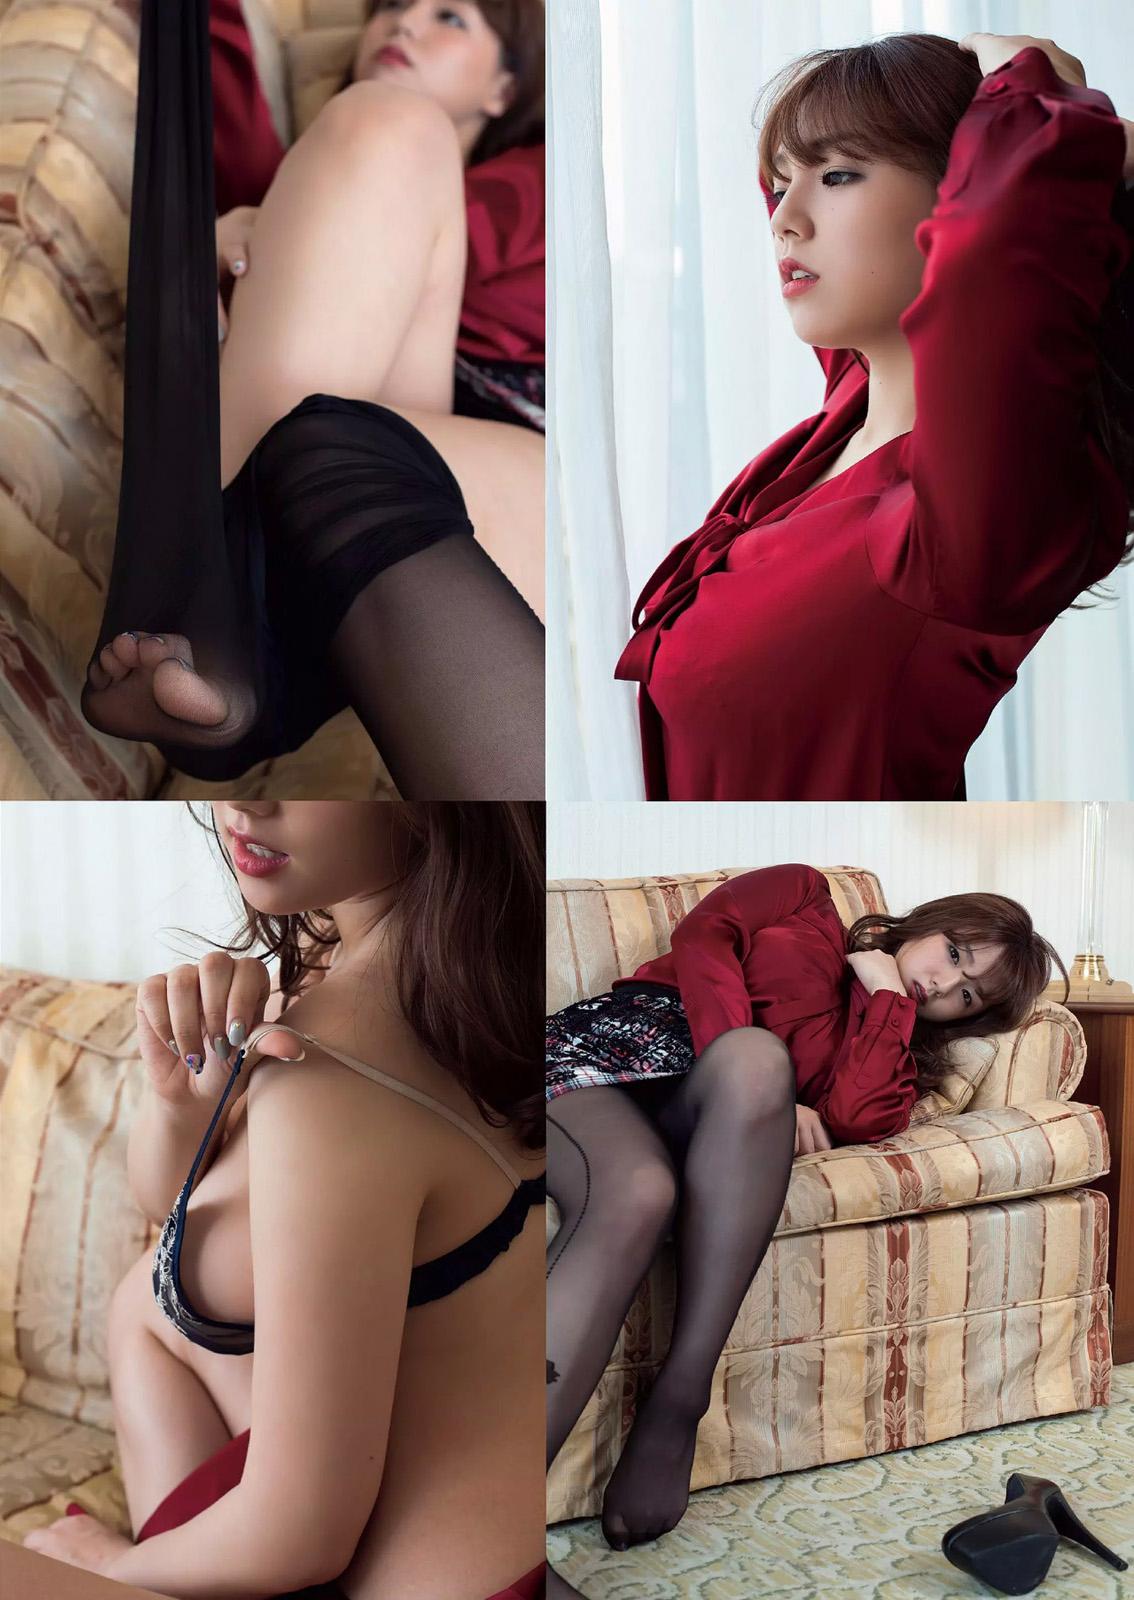 image http://scanlover.com/assets/images/414-mM43IS0JWpBoWzrs.jpeg